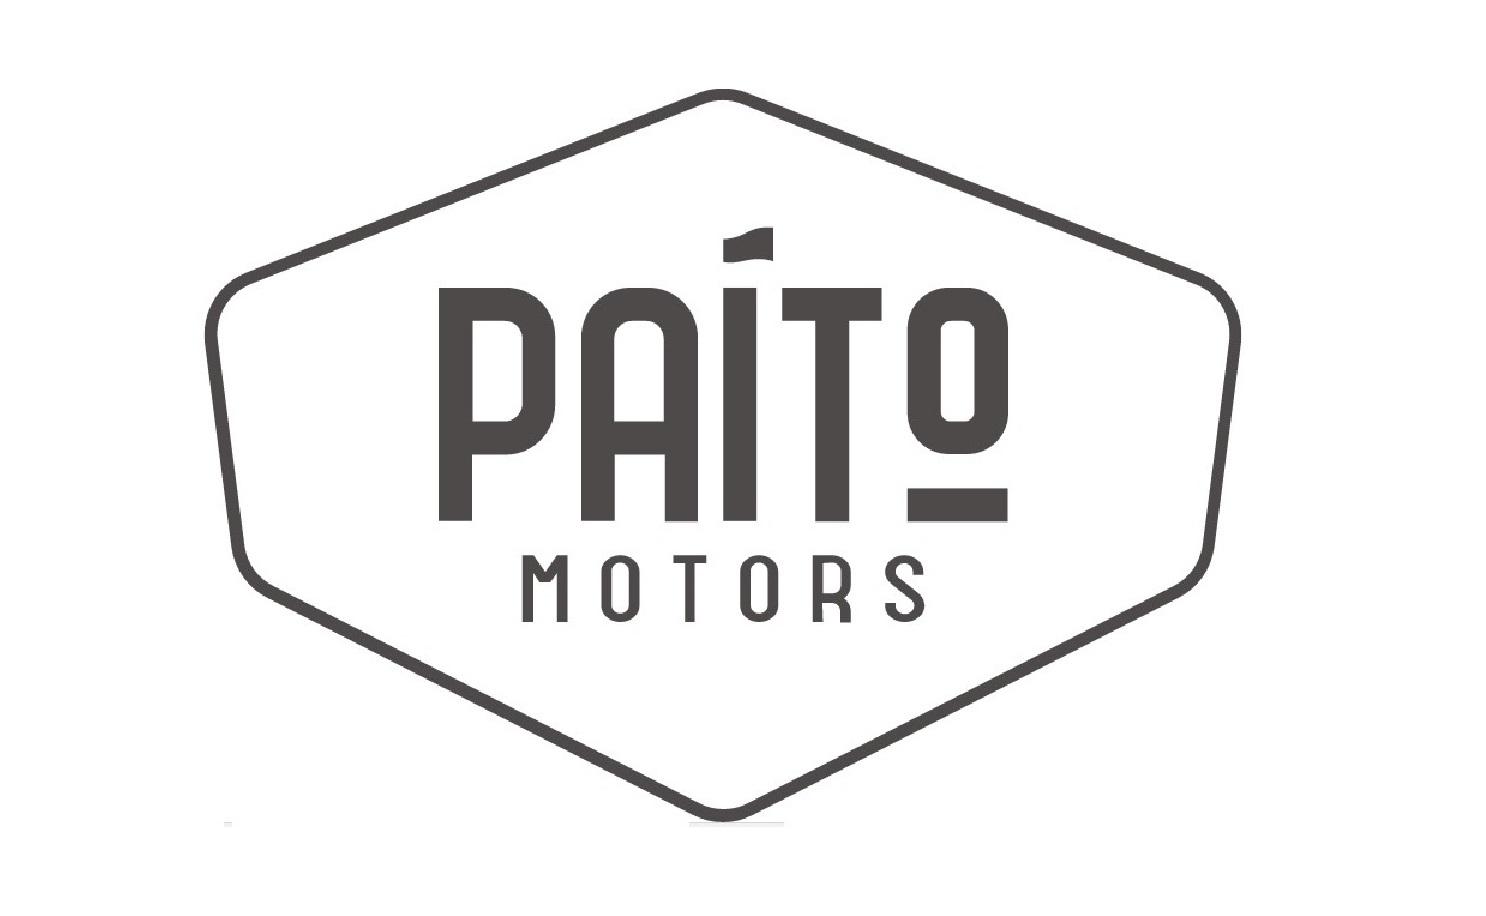 Logo Paito Motors.jpg